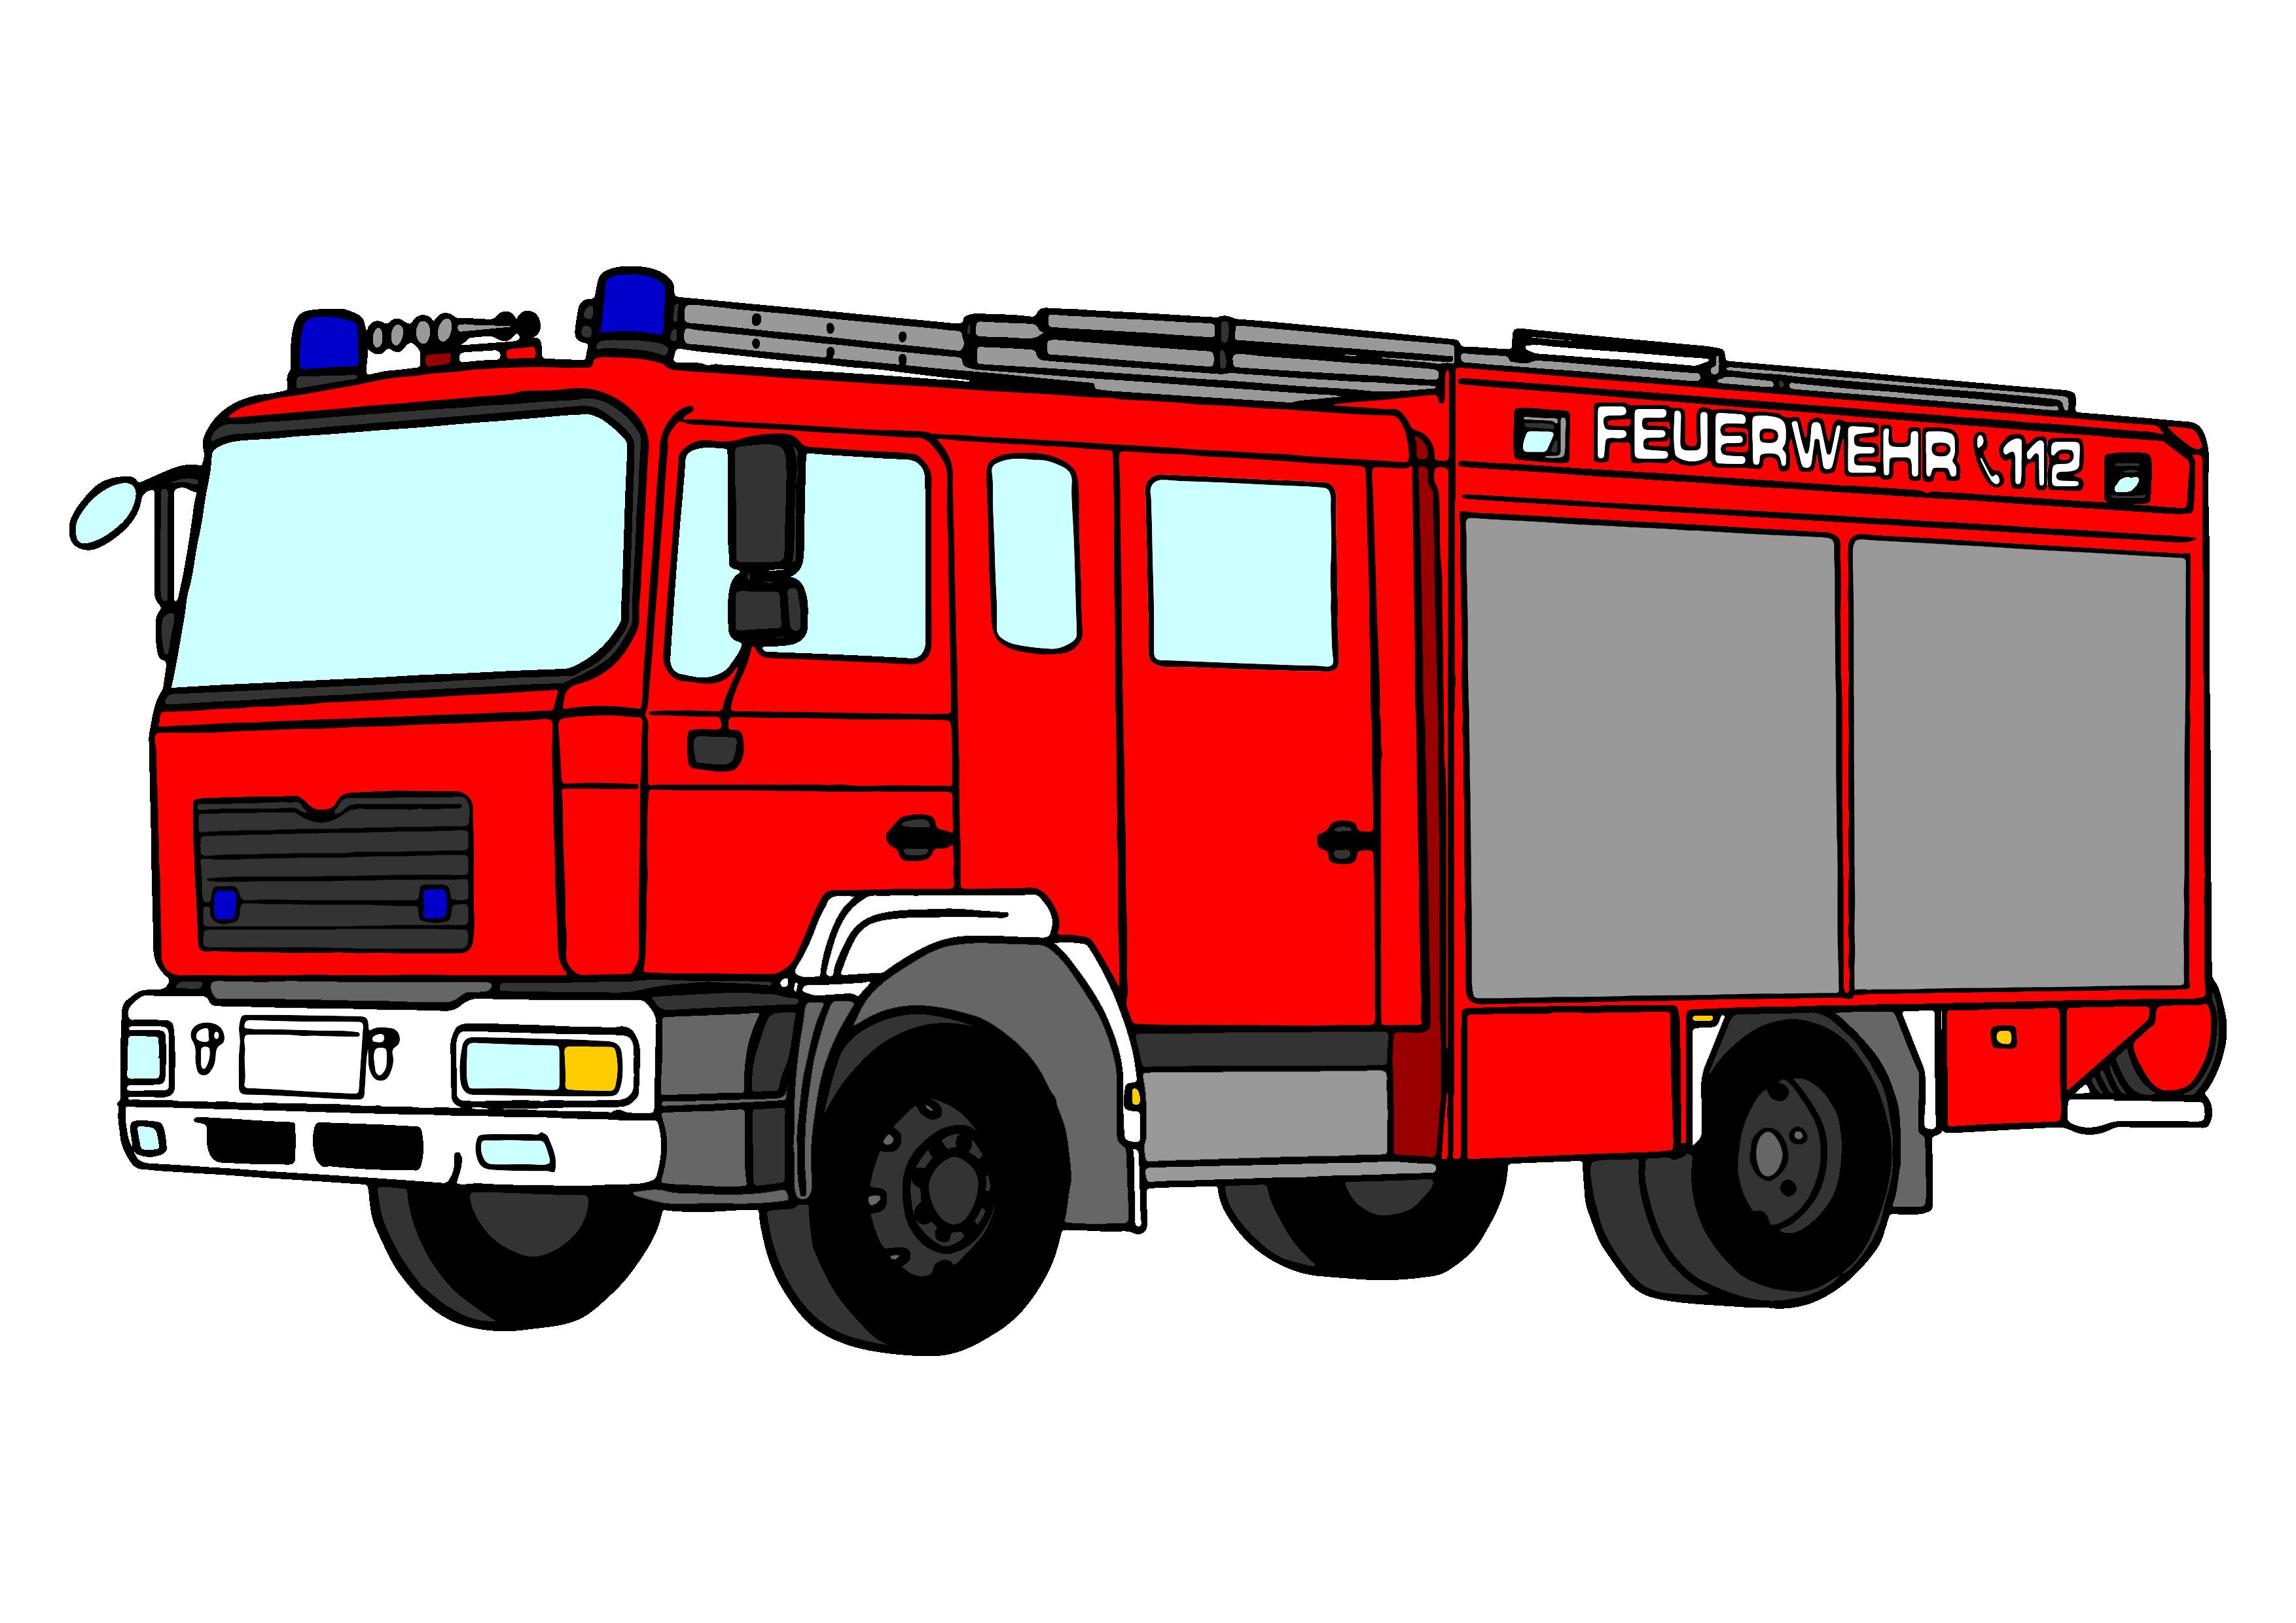 Feuerwehrauto clipart schwarz weiß 3 » Clipart Station.